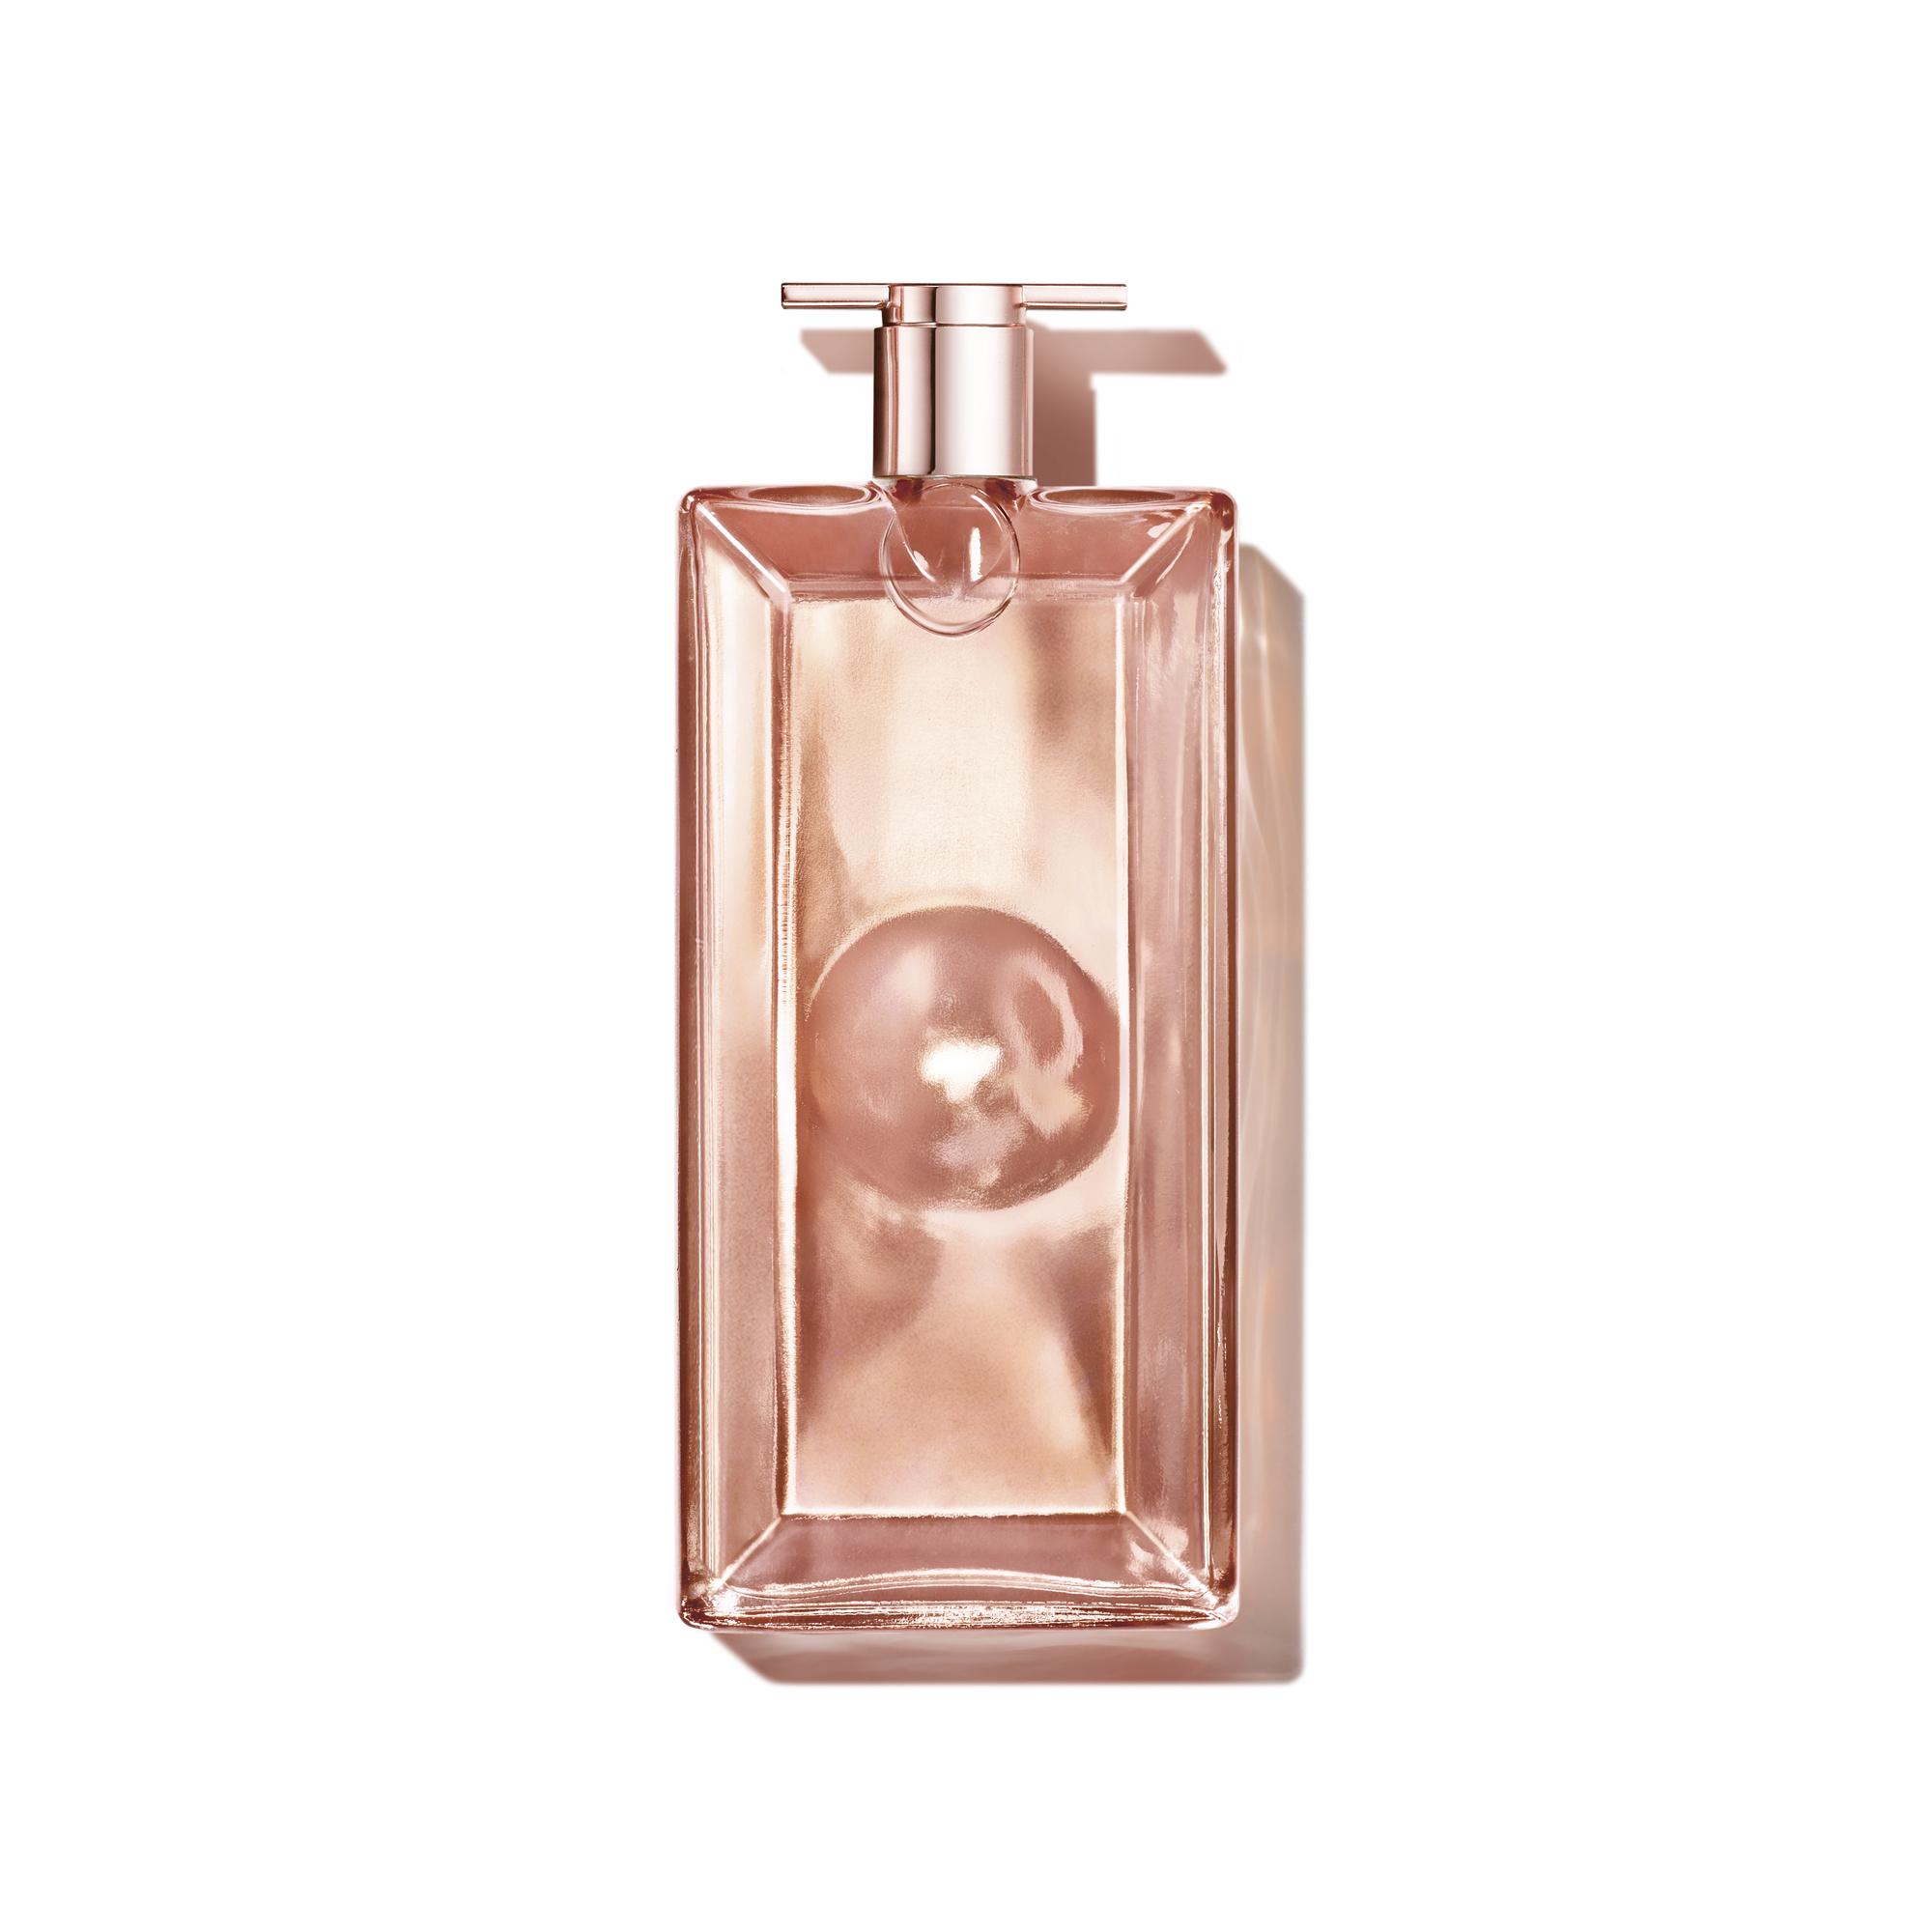 Lancôme L'intense Eau de Parfum 50ml.